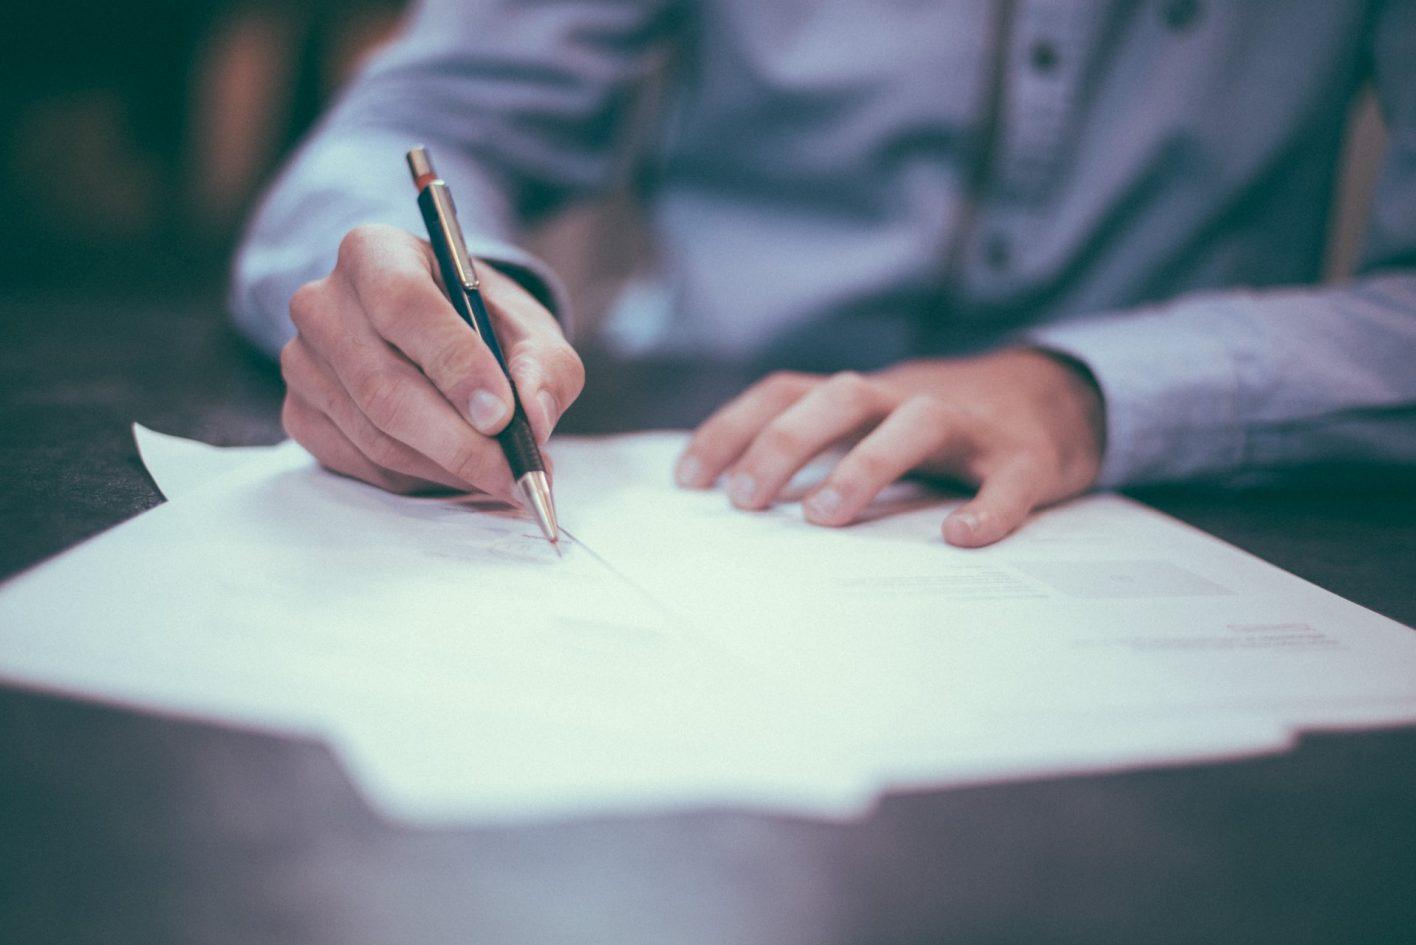 impresario discutibile requisiti contrattuali